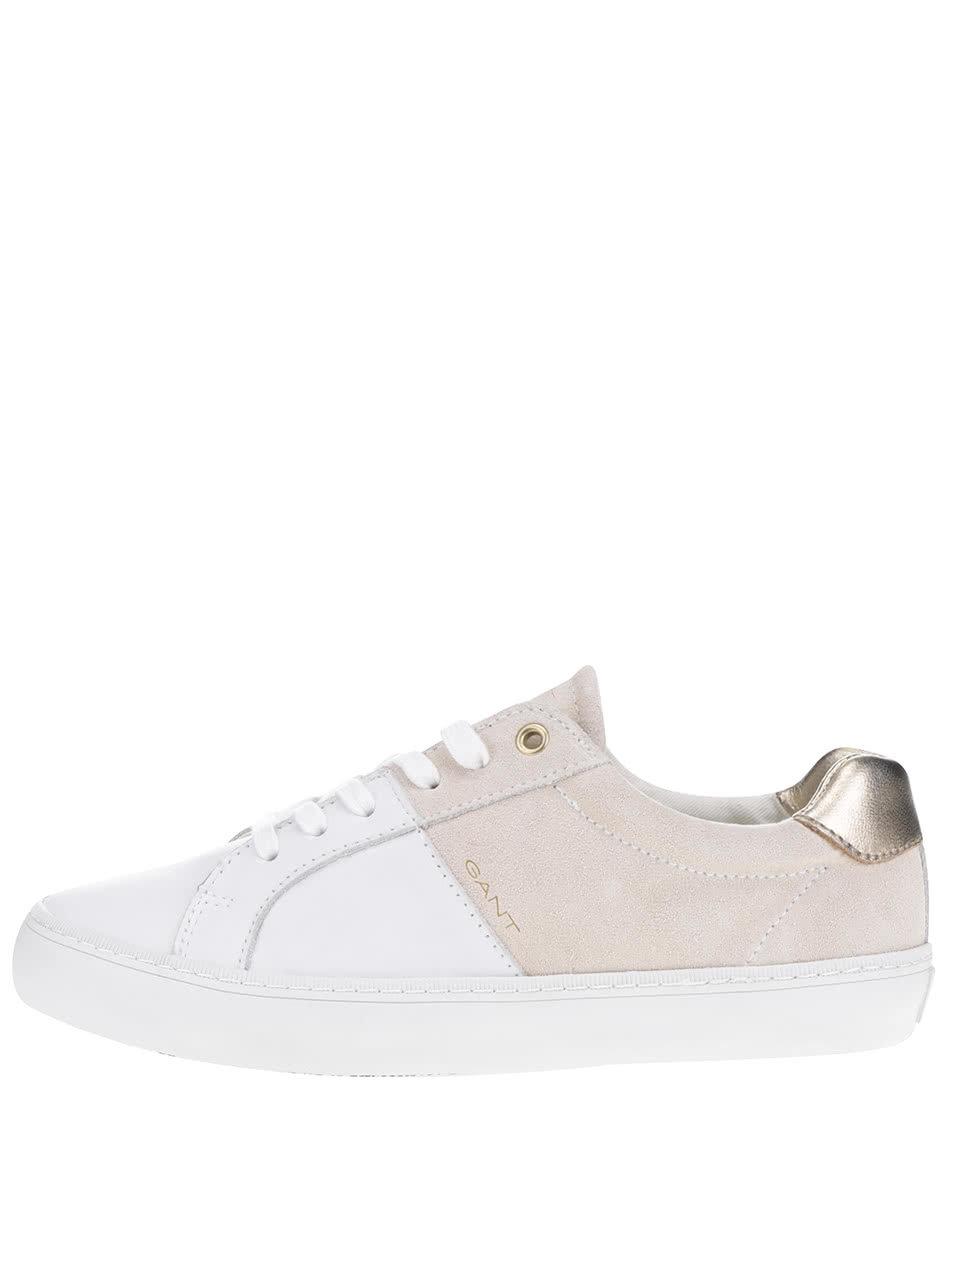 Béžovo-bílé dámské kožené tenisky GANT Alice ... e41a98db801